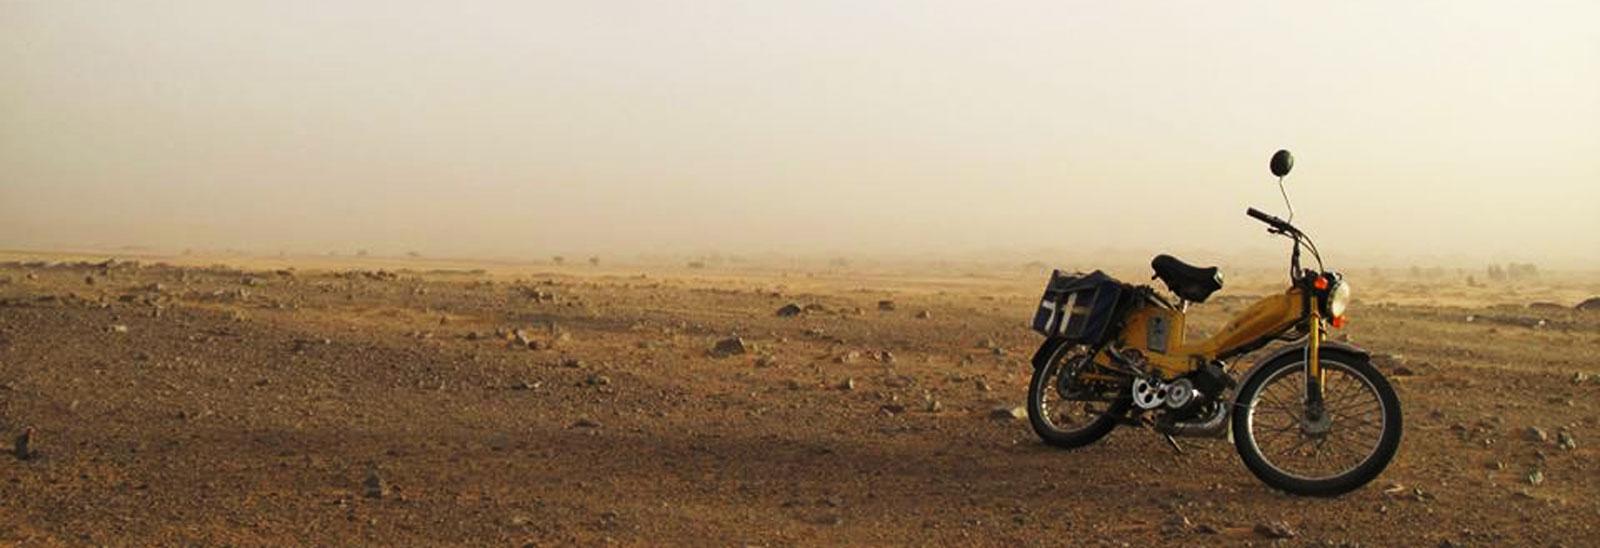 morocco-sahara_desert-fall2014-artistic_eye-bikes_in_the_desert-land_le_coq